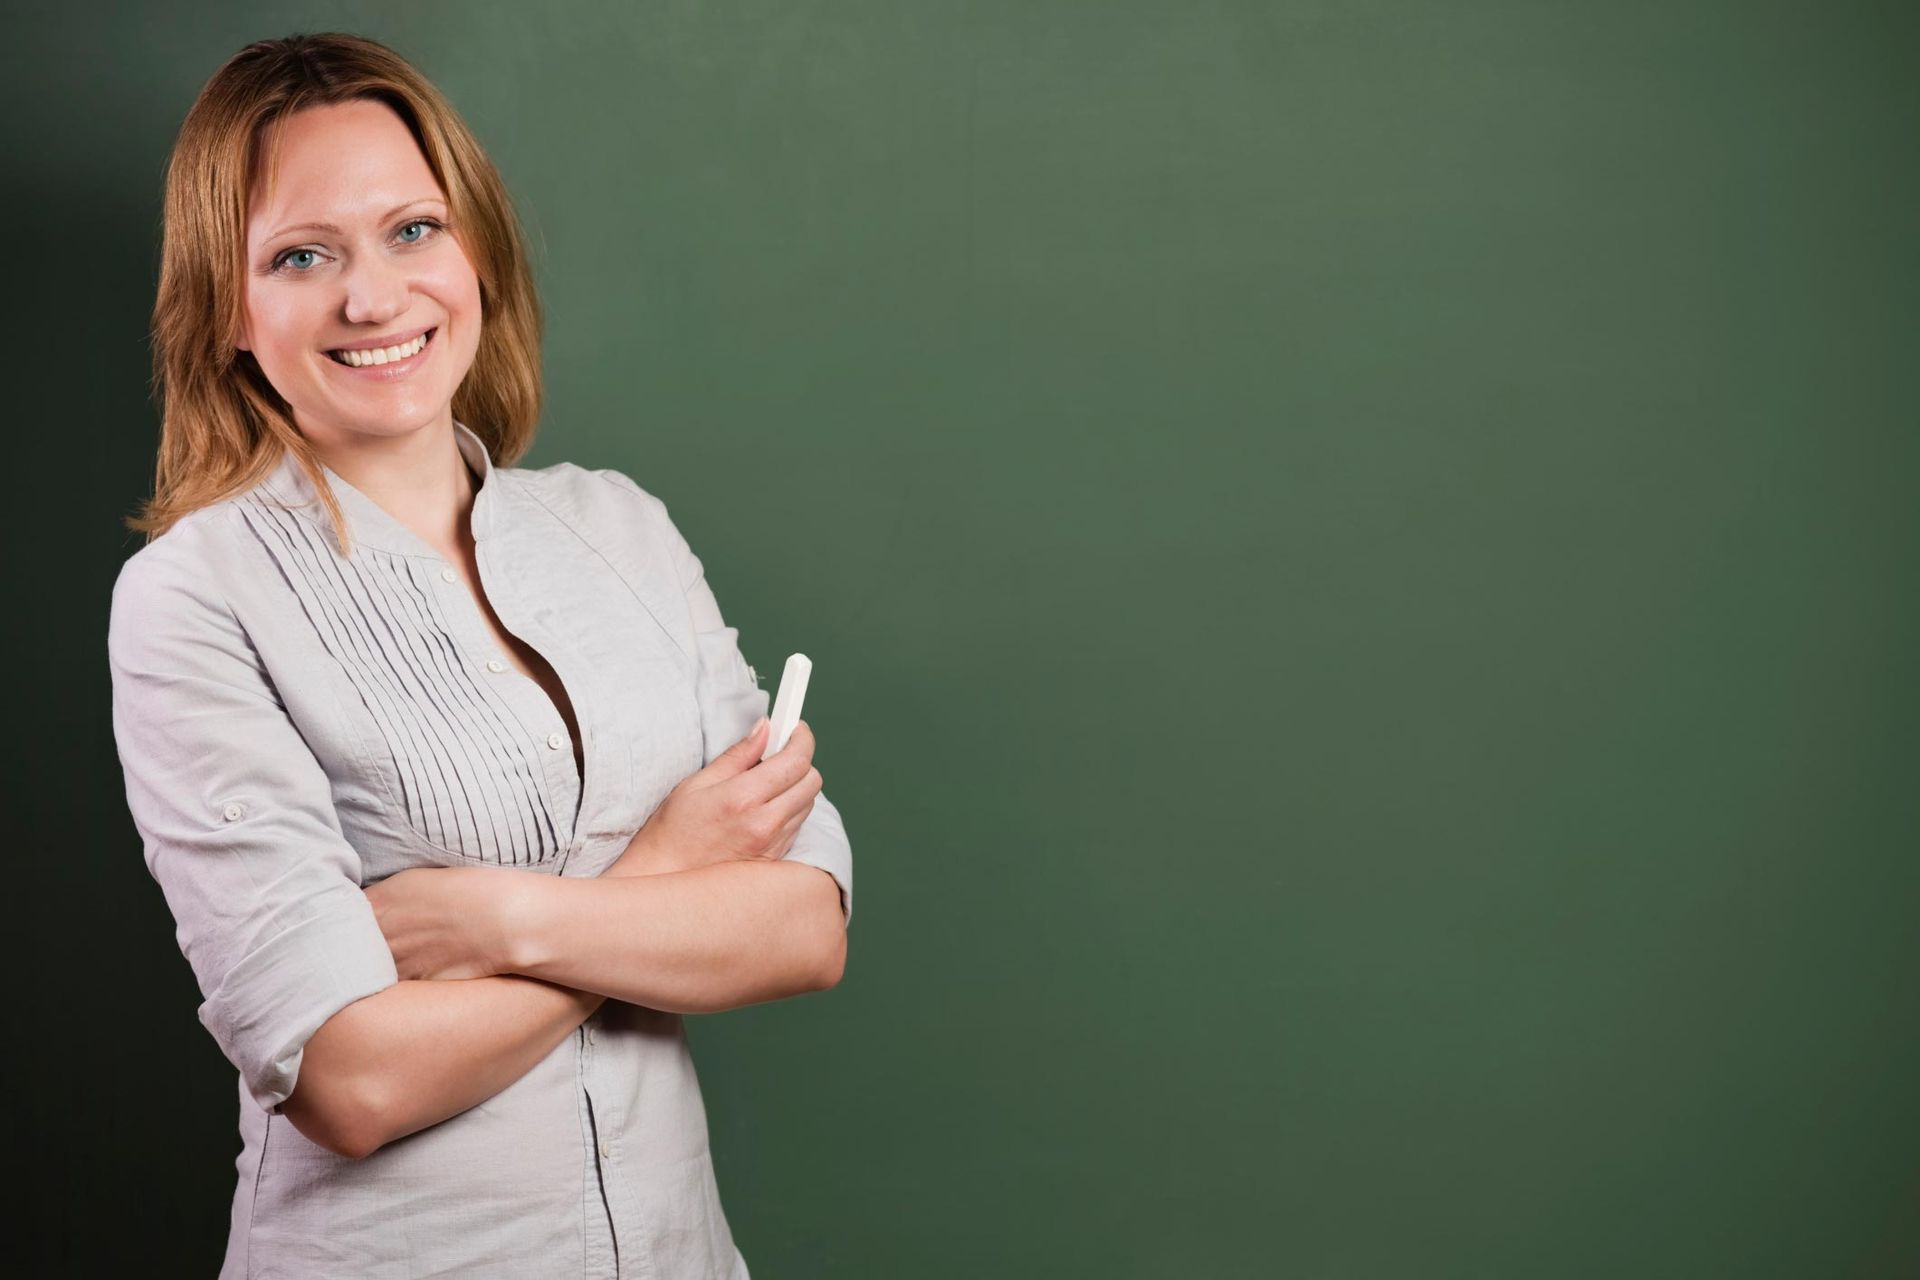 Учитель с журналом картинка